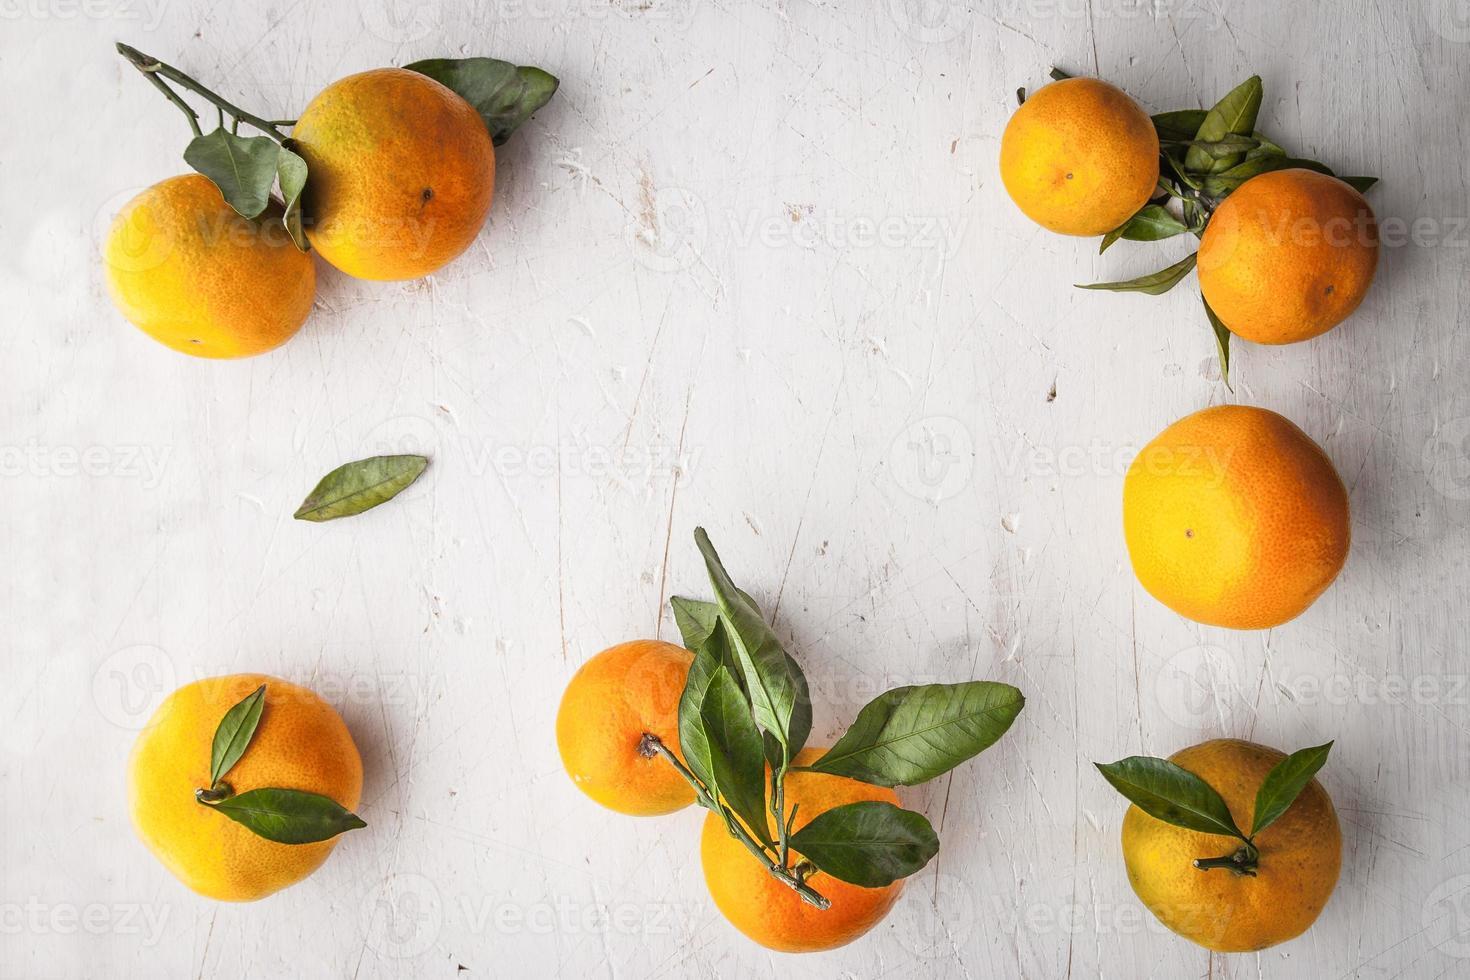 moldura de tangerinas na mesa de madeira branca horizontal foto